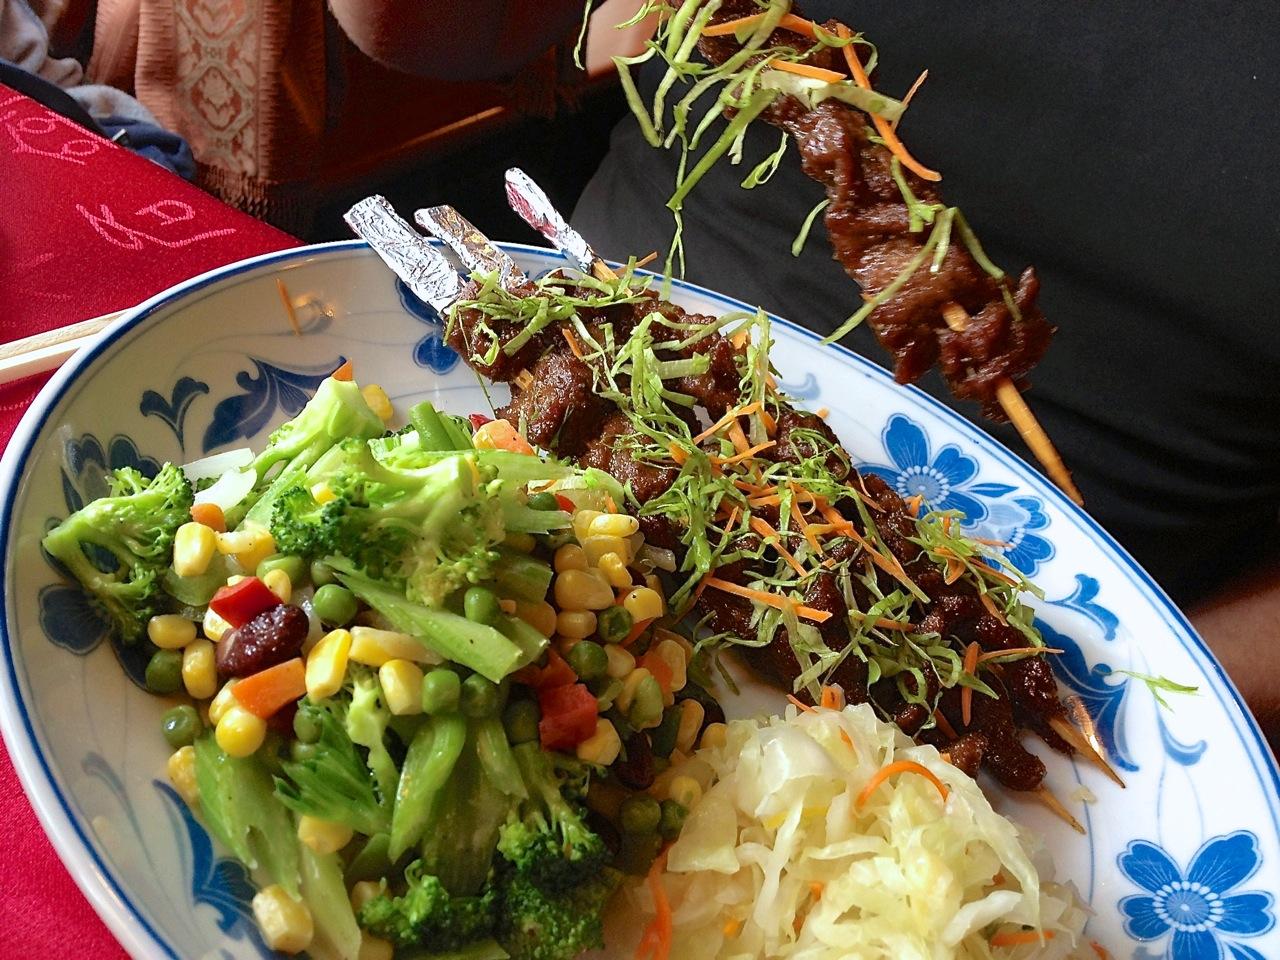 Liellopa gaļas šašliks ar piedevām ķīniešu restorānā 'Shangri-la'